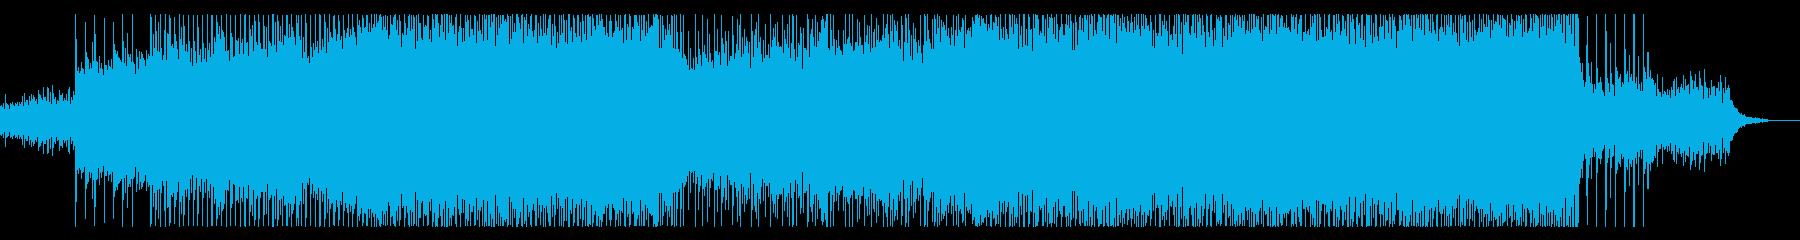 【メロディ抜き】透明感のあるポップコーポの再生済みの波形